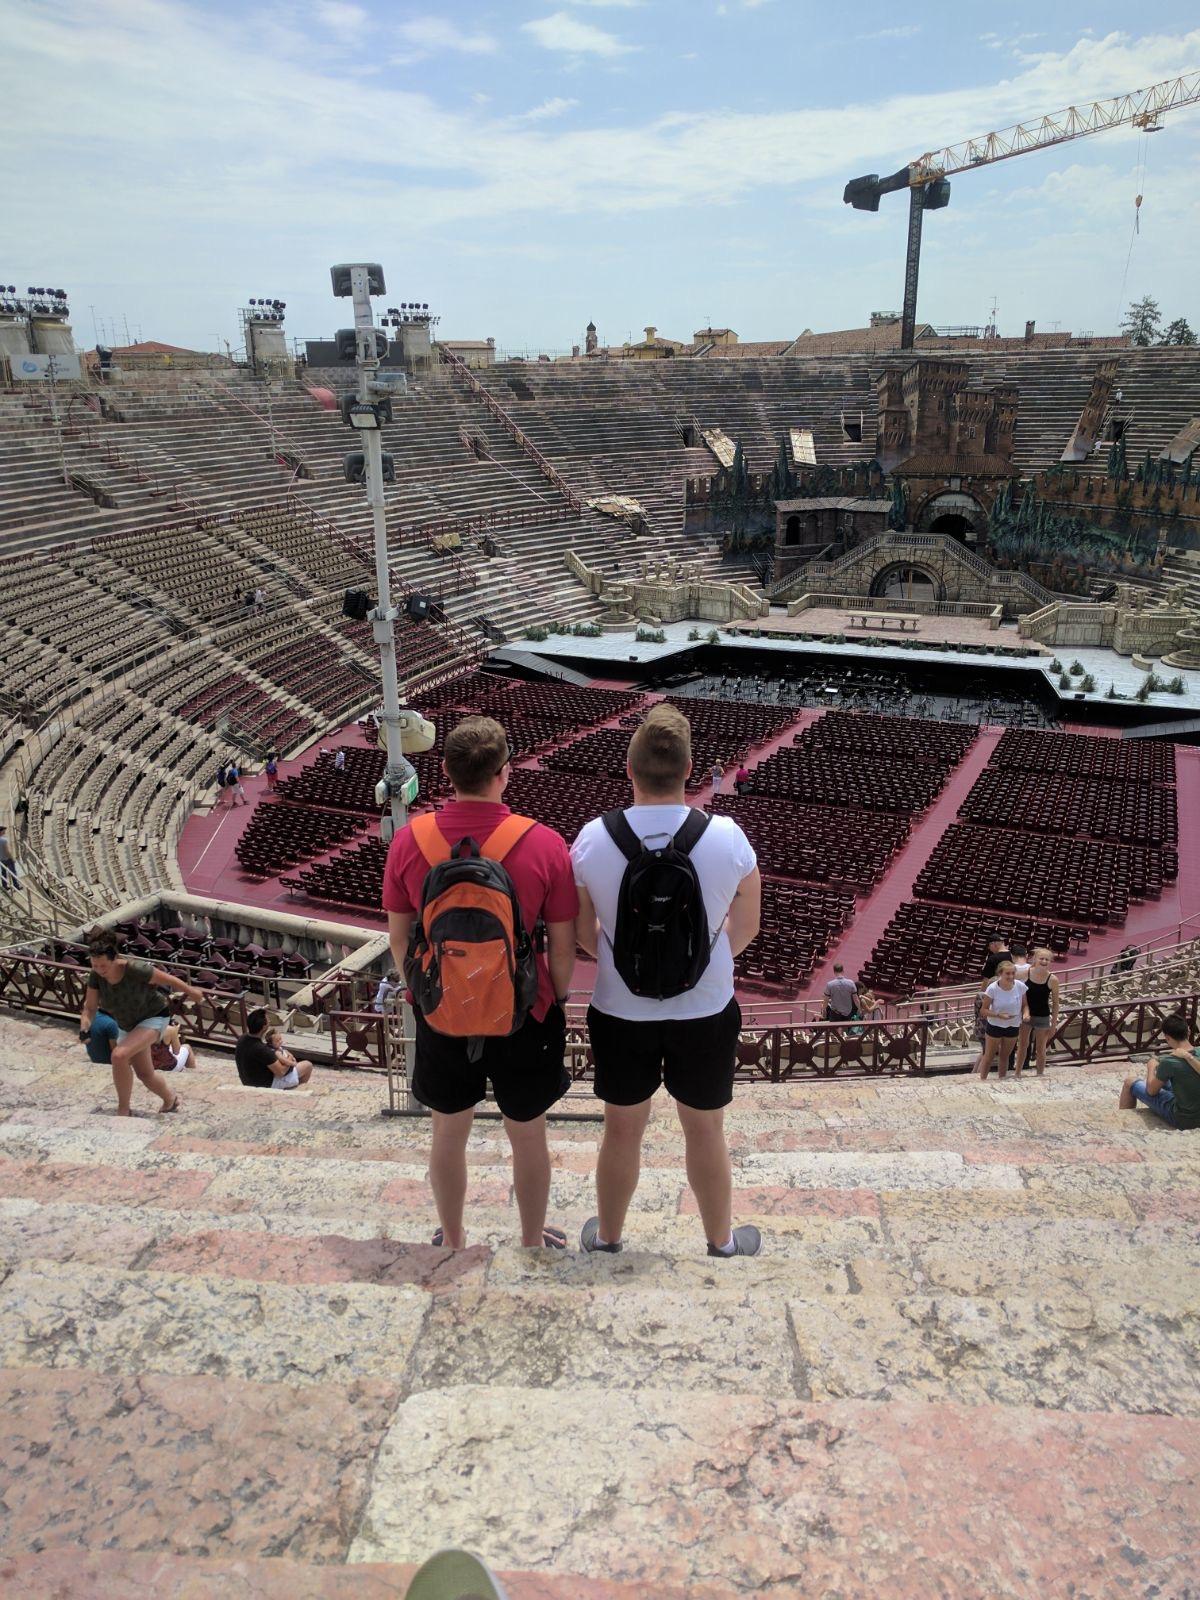 Looking over Arena di Verona in Verona, Italy.